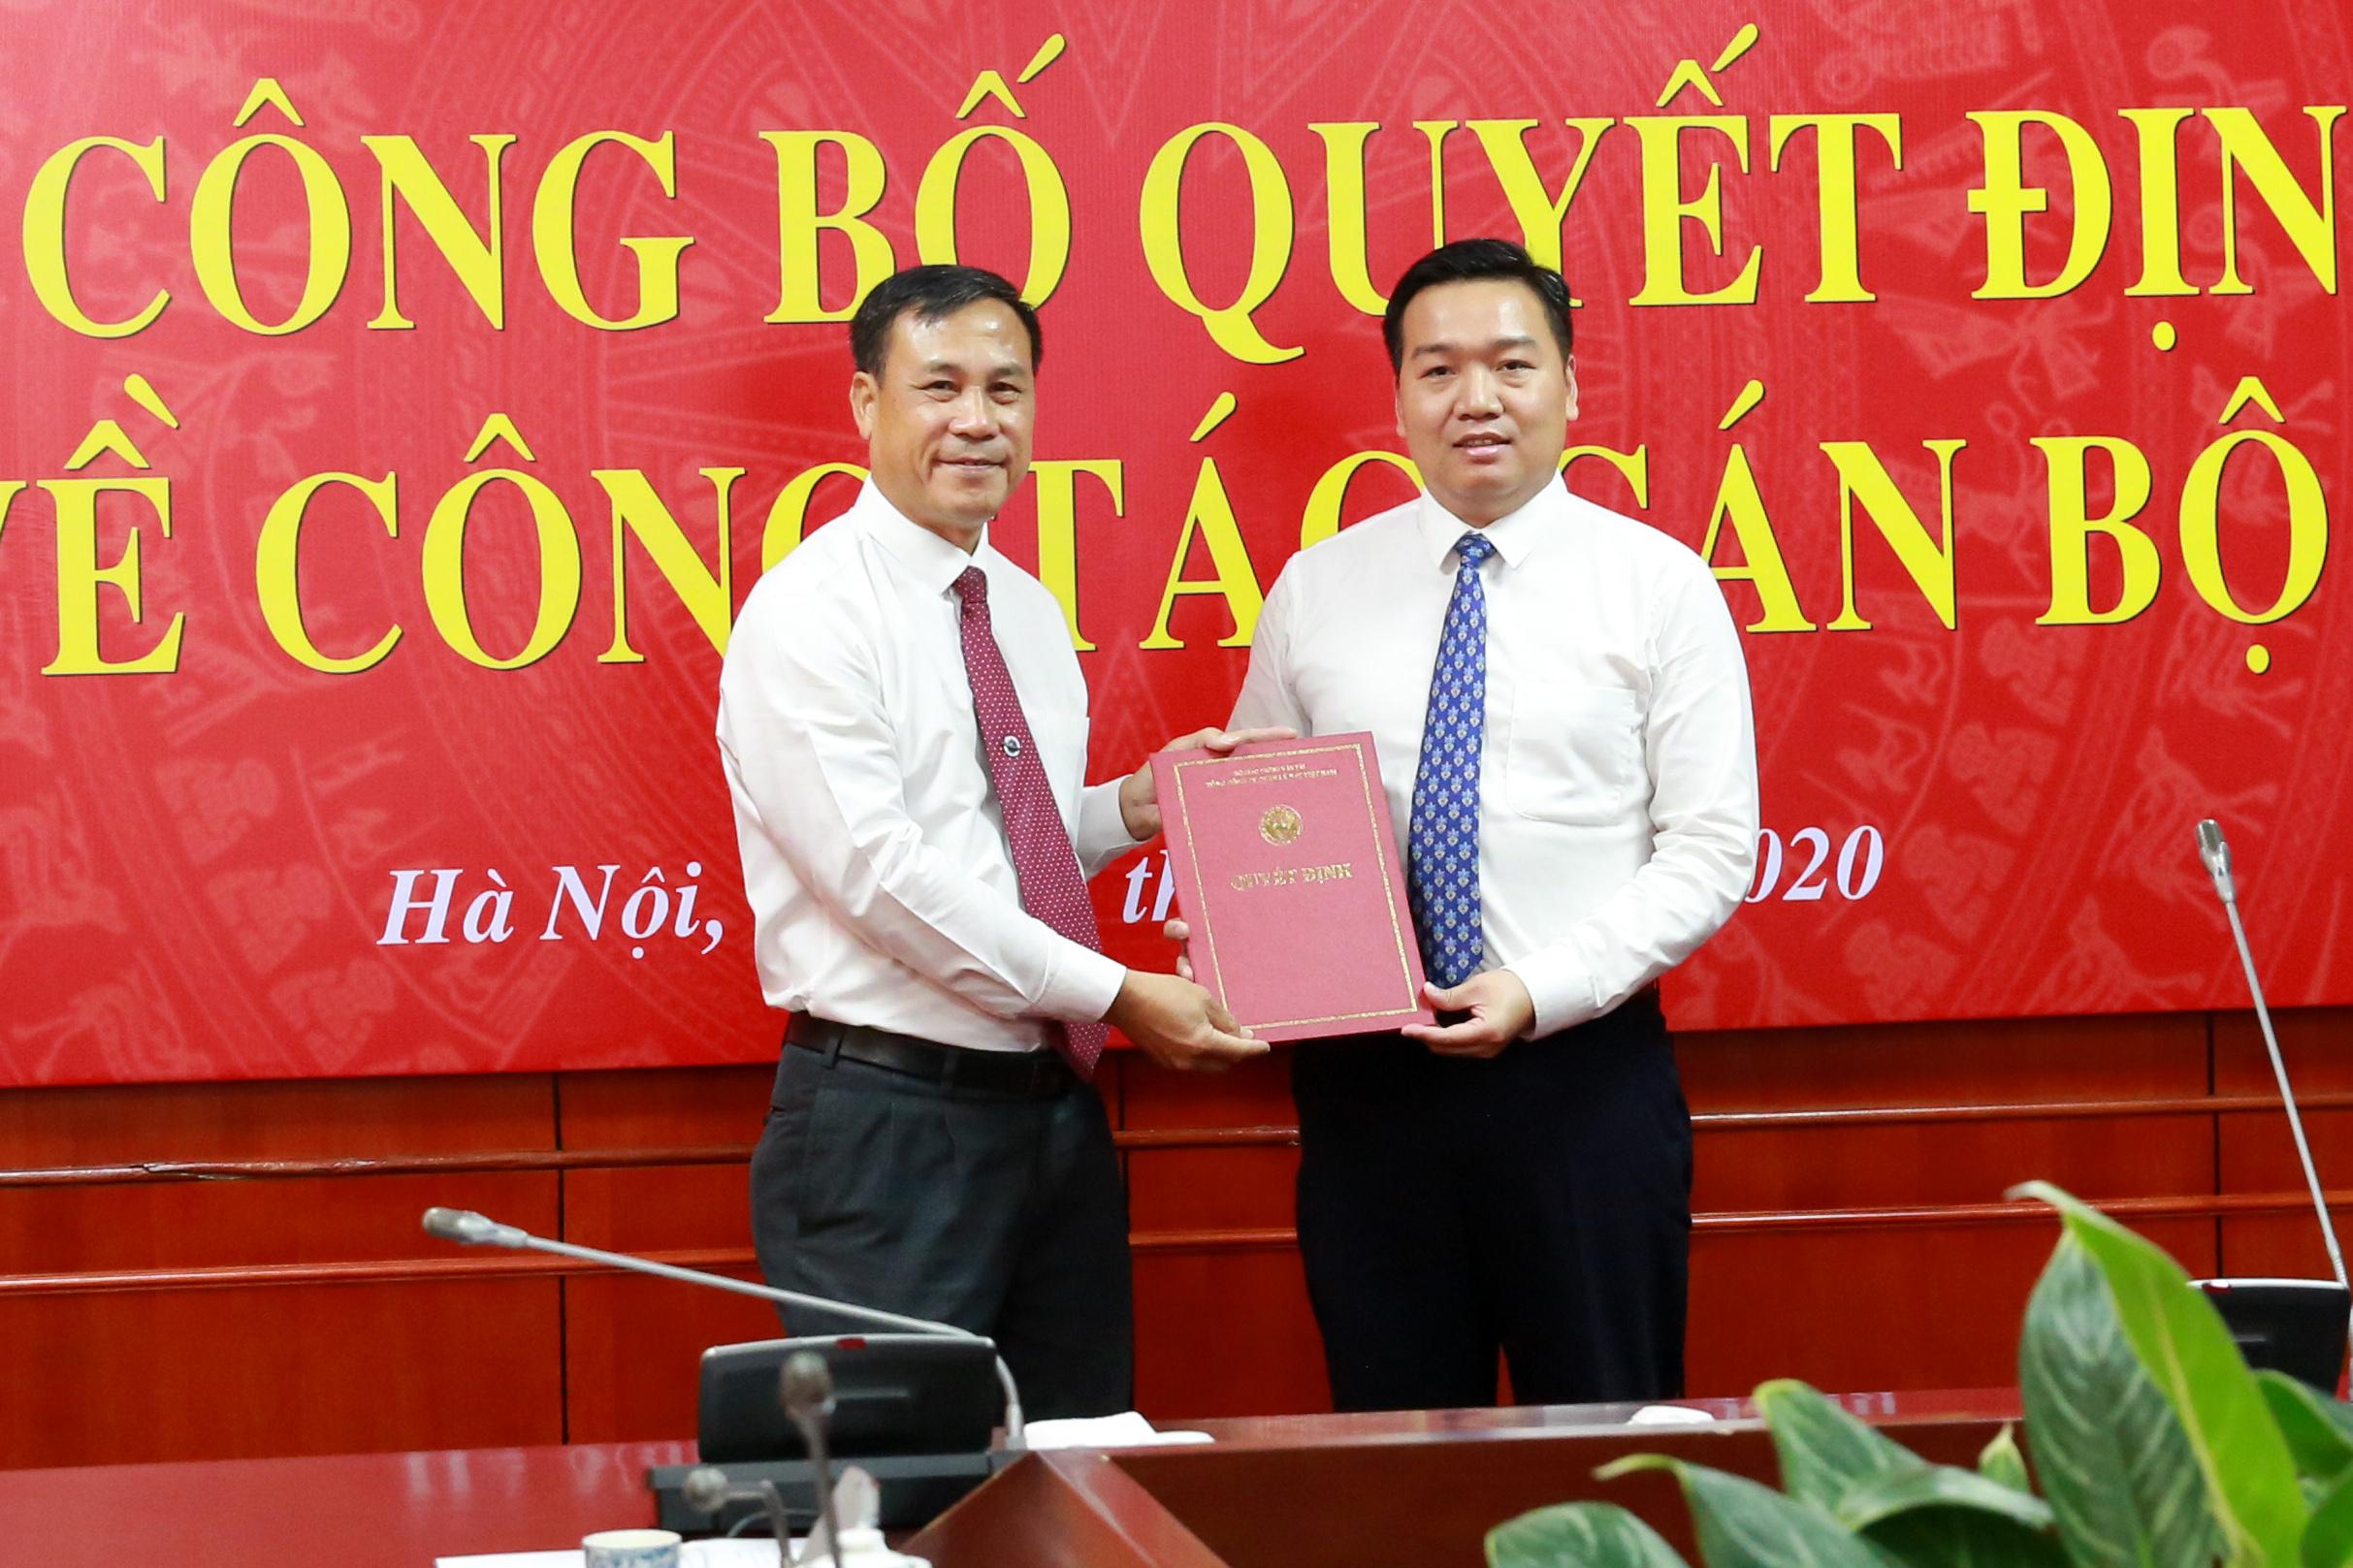 VATM: Công bố và trao quyết định bổ nhiệm Trưởng ban Kế hoạch - Đầu tư